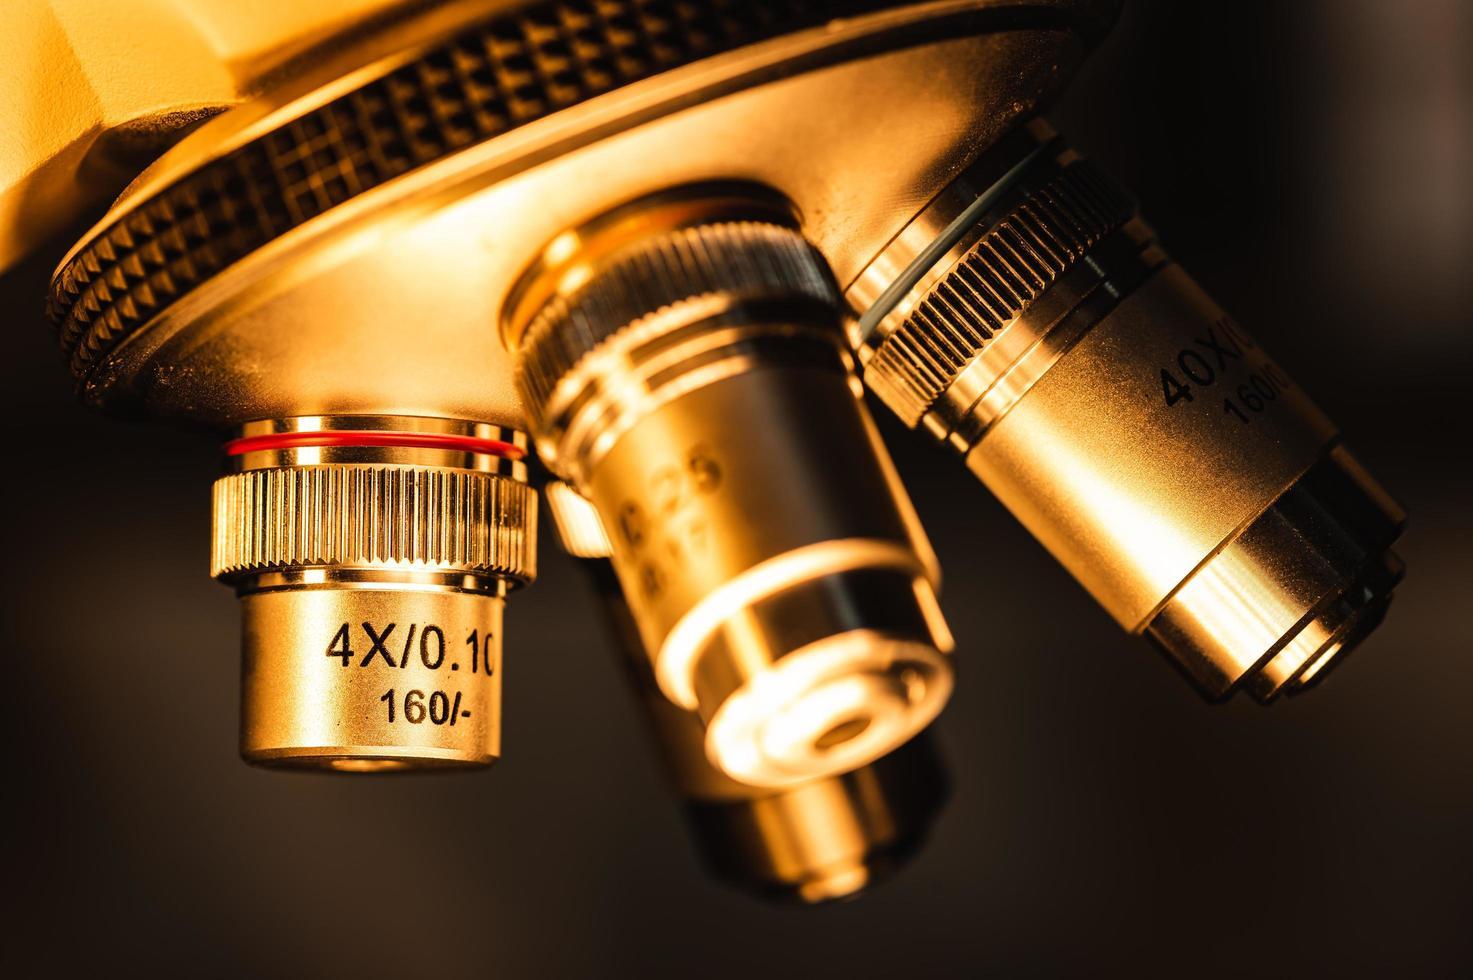 microscoop tegen een zwarte achtergrond foto